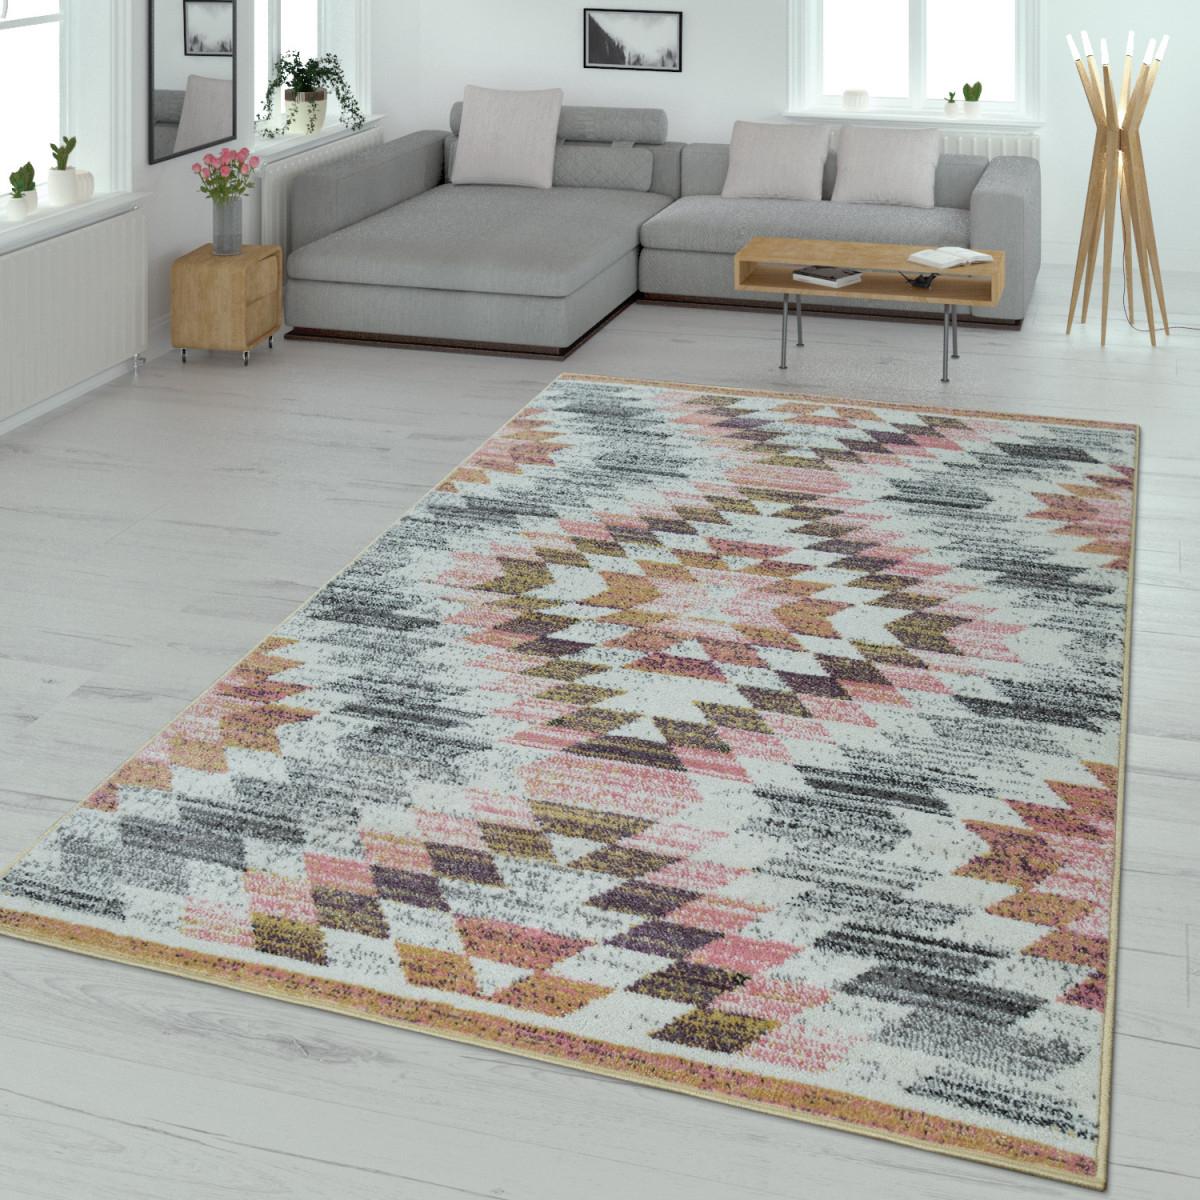 Wohnzimmerteppich Rautendesign Pastell Bunt von Wohnzimmer Teppich Bunt Photo